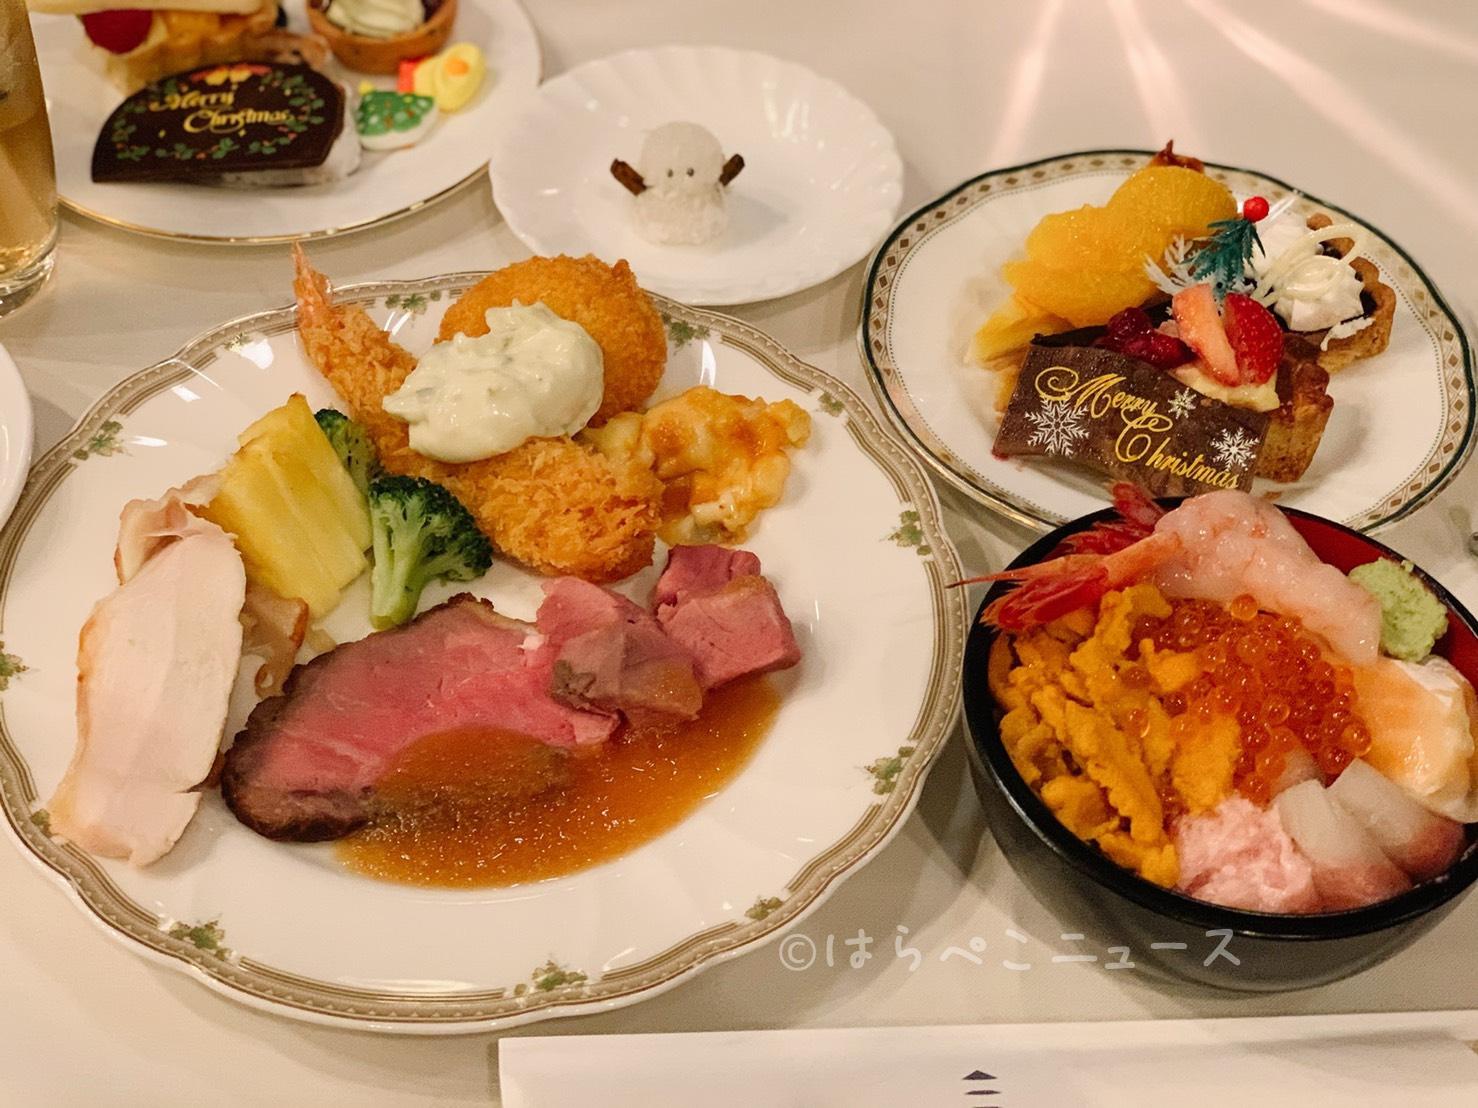 【実食レポ】ホテル椿山荘東京「イヤーエンドブッフェ」いくら丼やローストビーフにクリスマスデザートも!